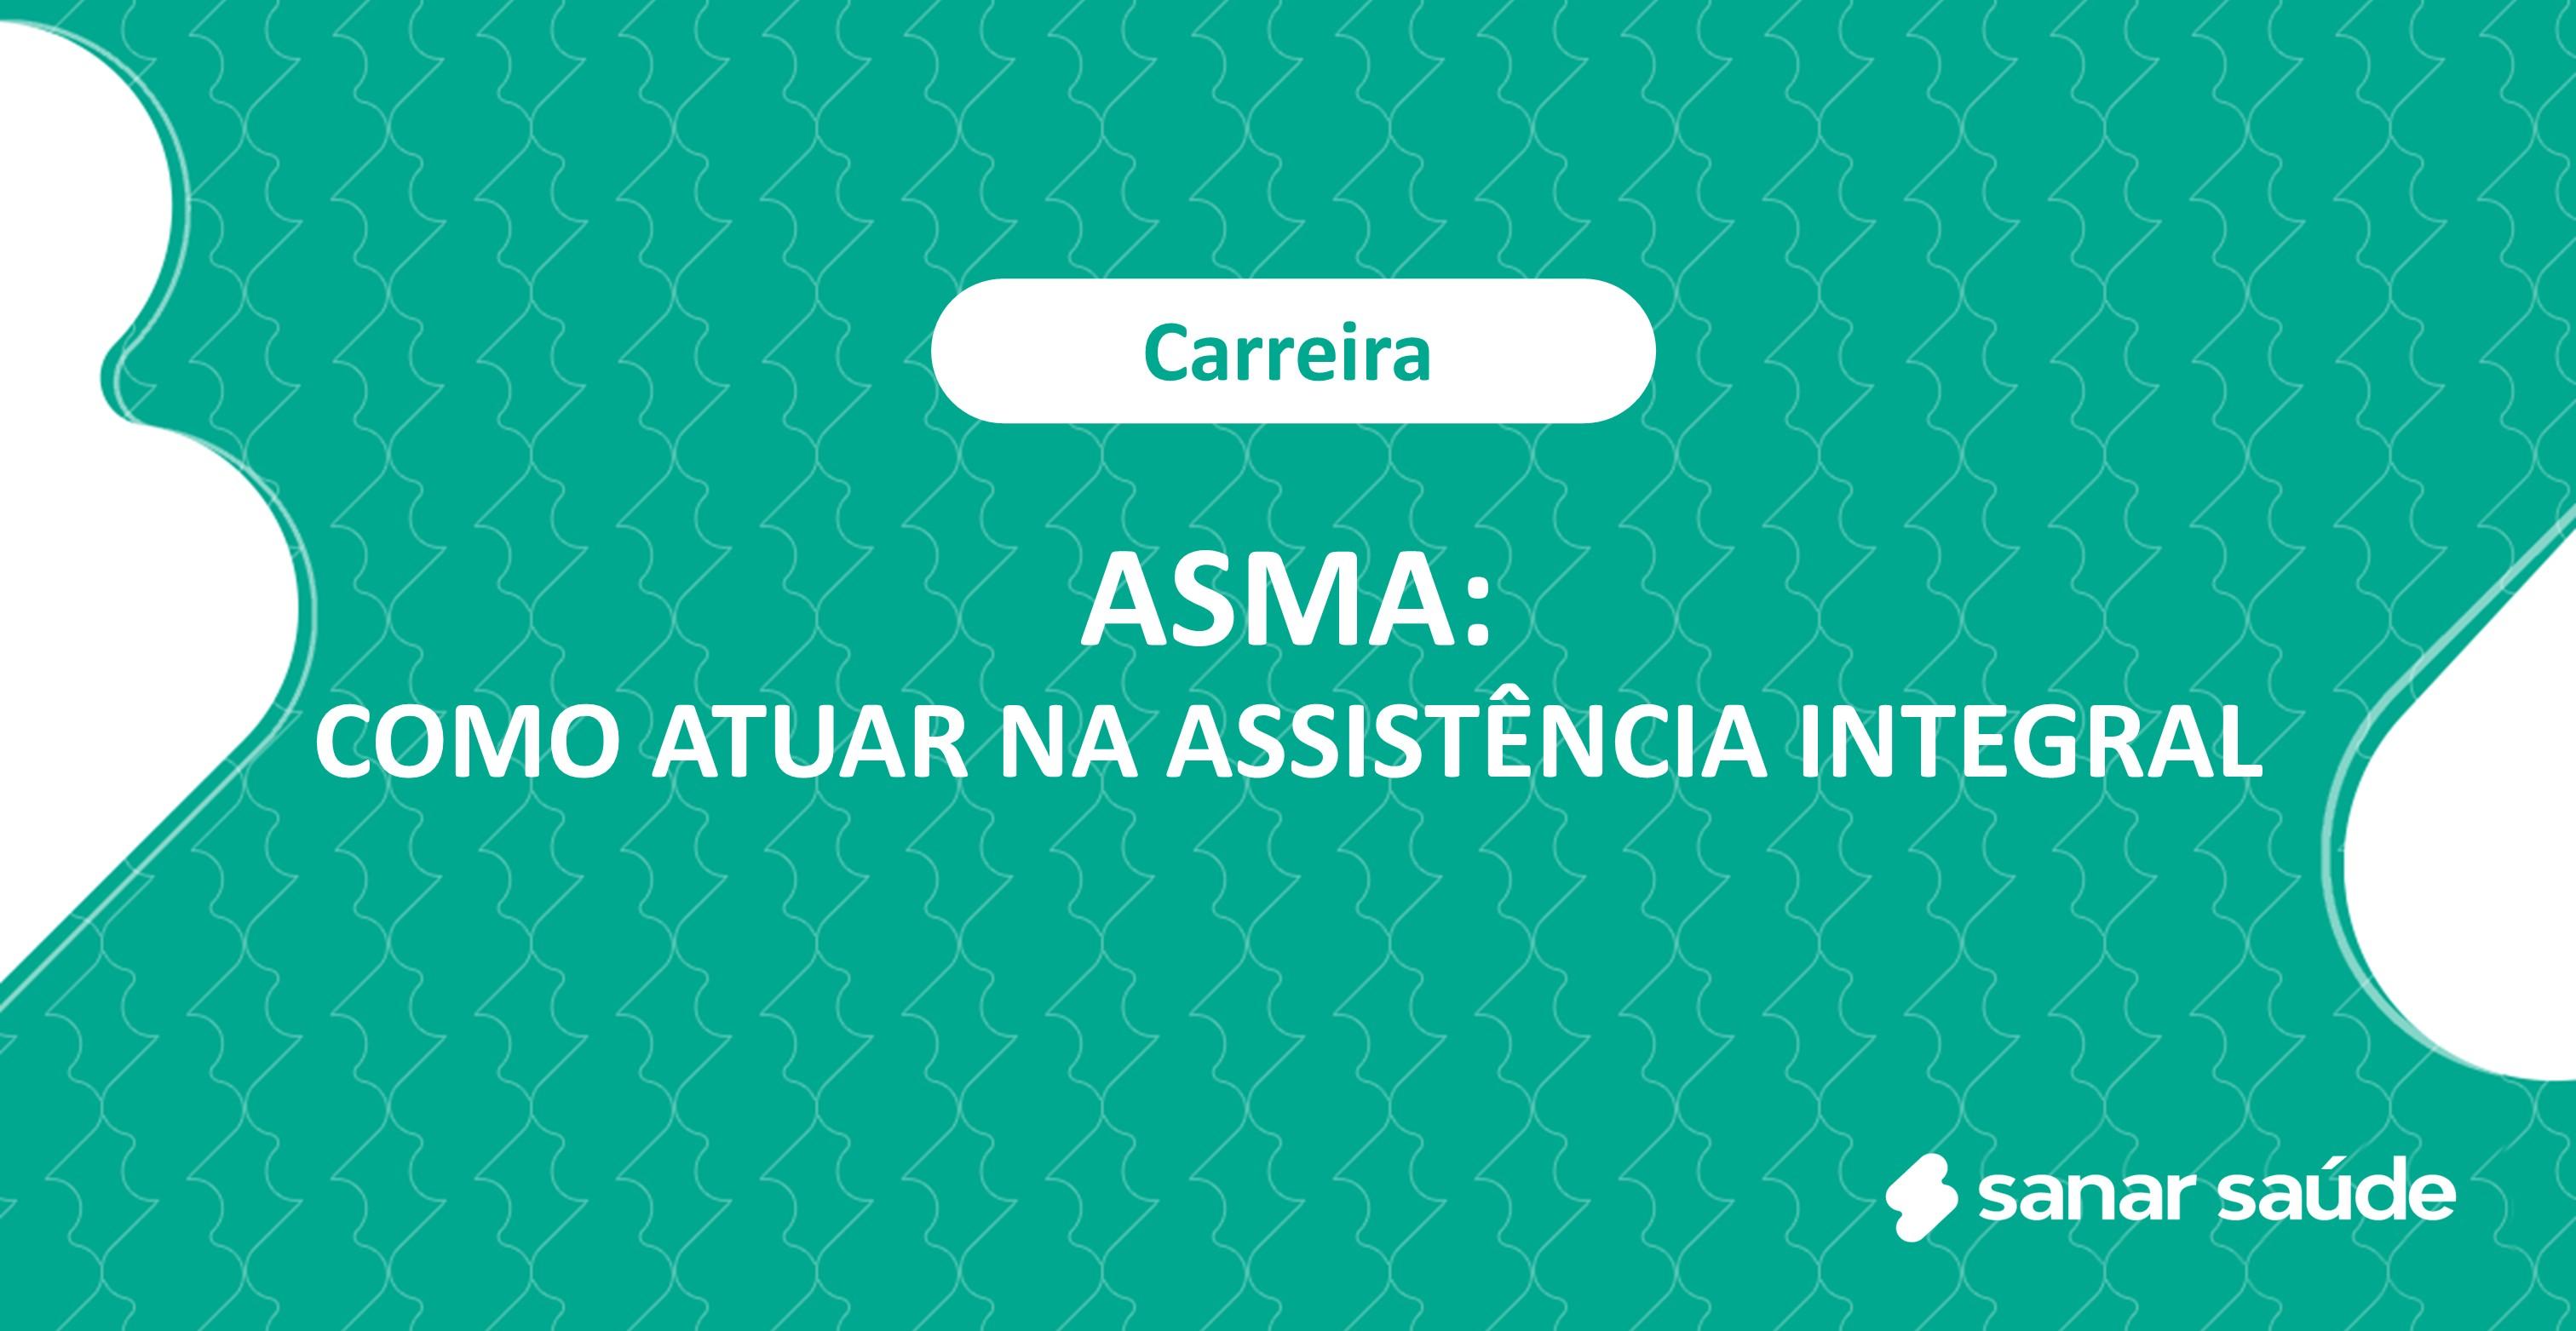 Asma: como atuar na assistência integral